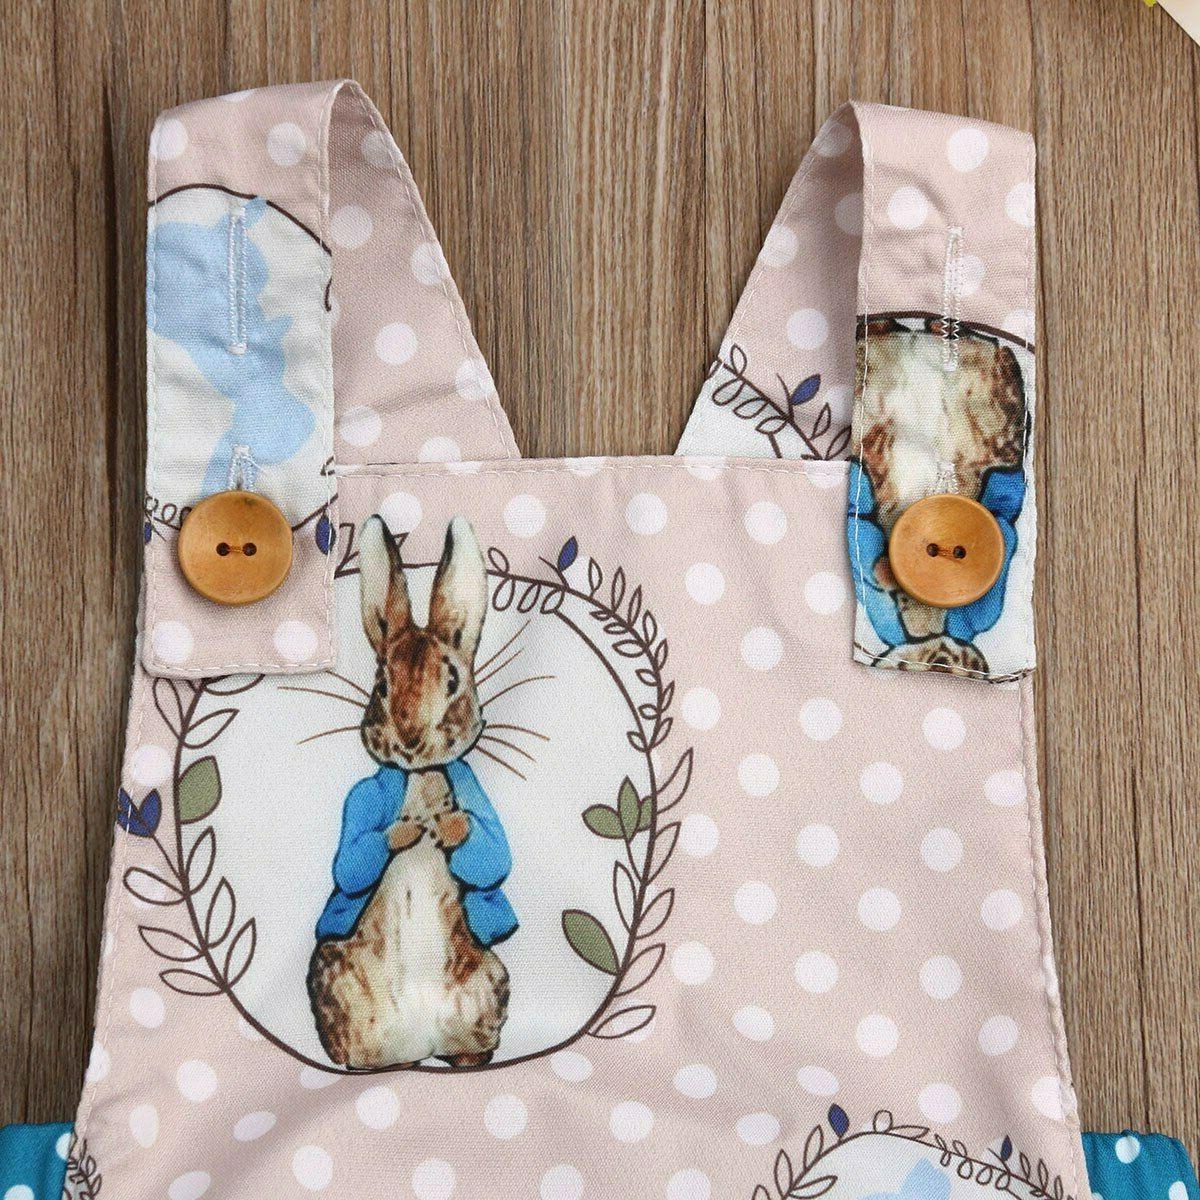 NWT Rabbit Easter Bunny Sleeveless